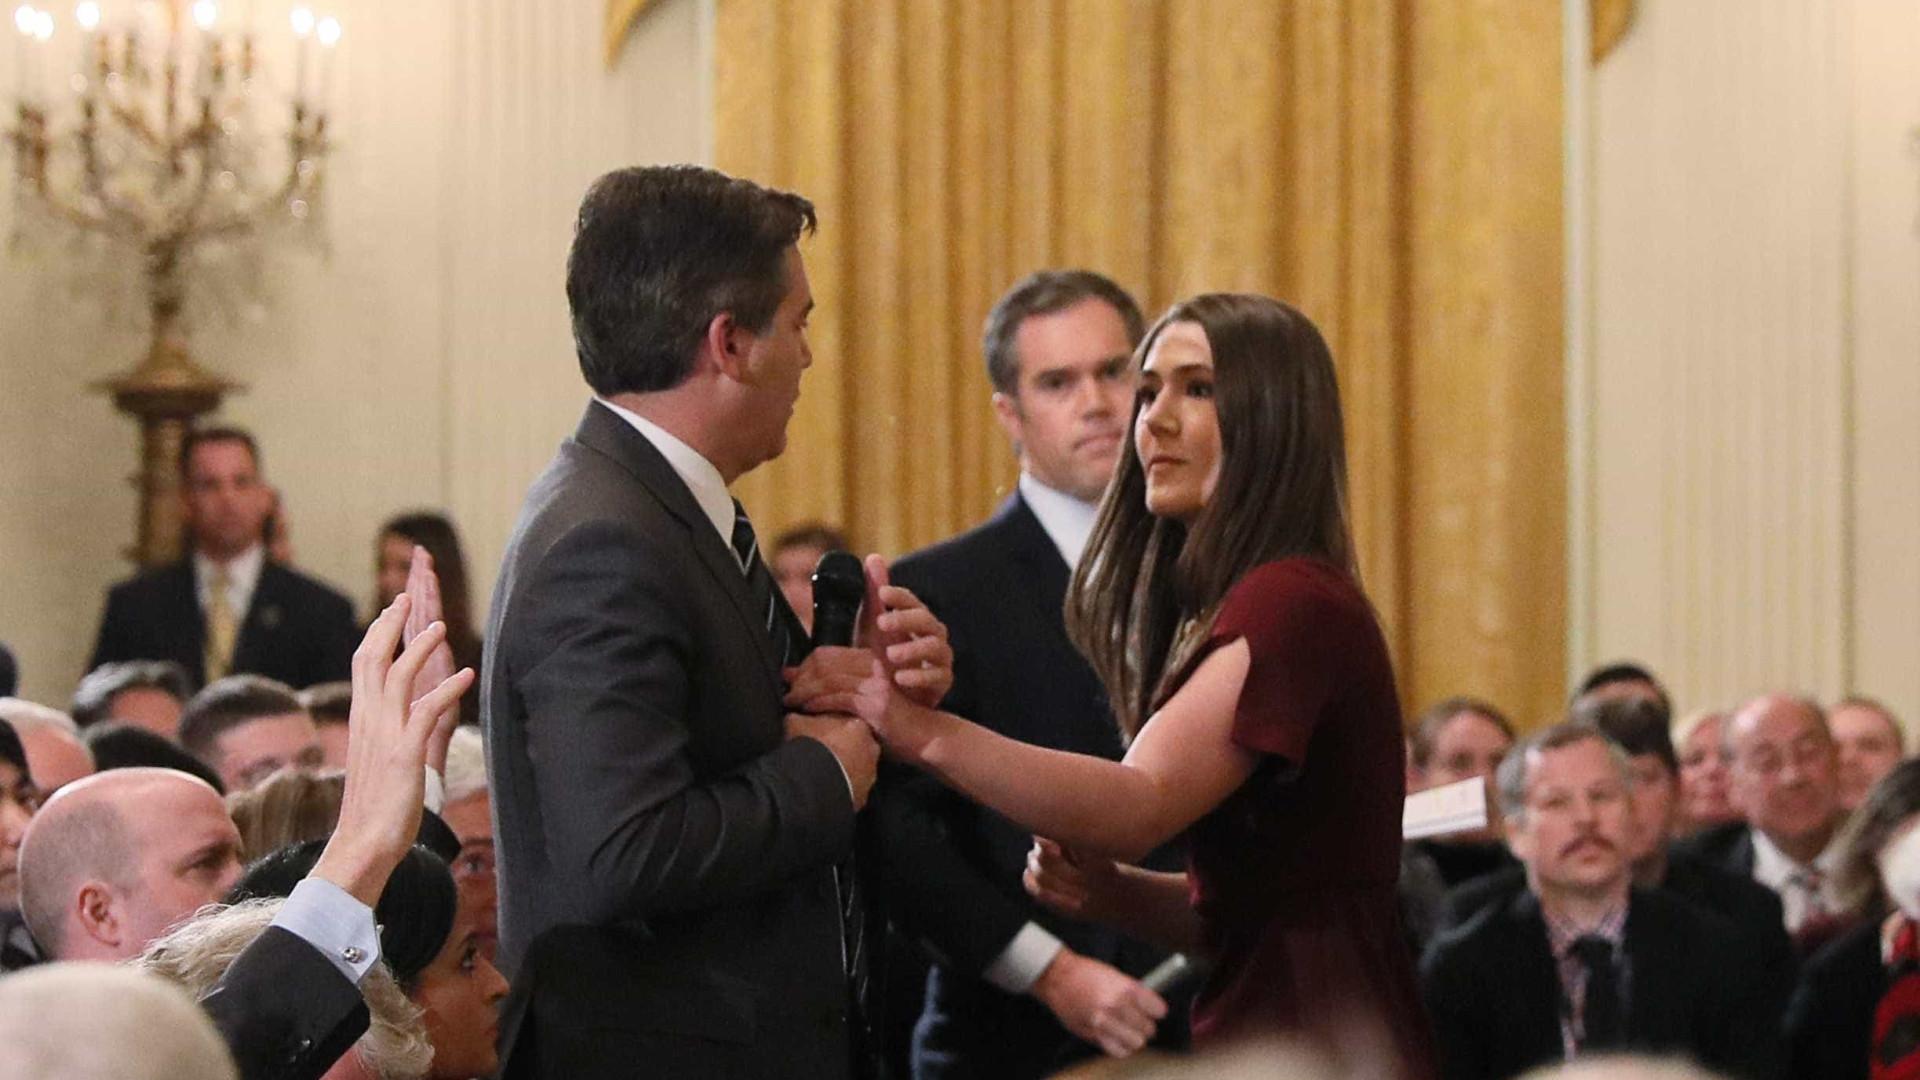 Casa Branca vira alvo de polêmica após compartilhar vídeo manipulado